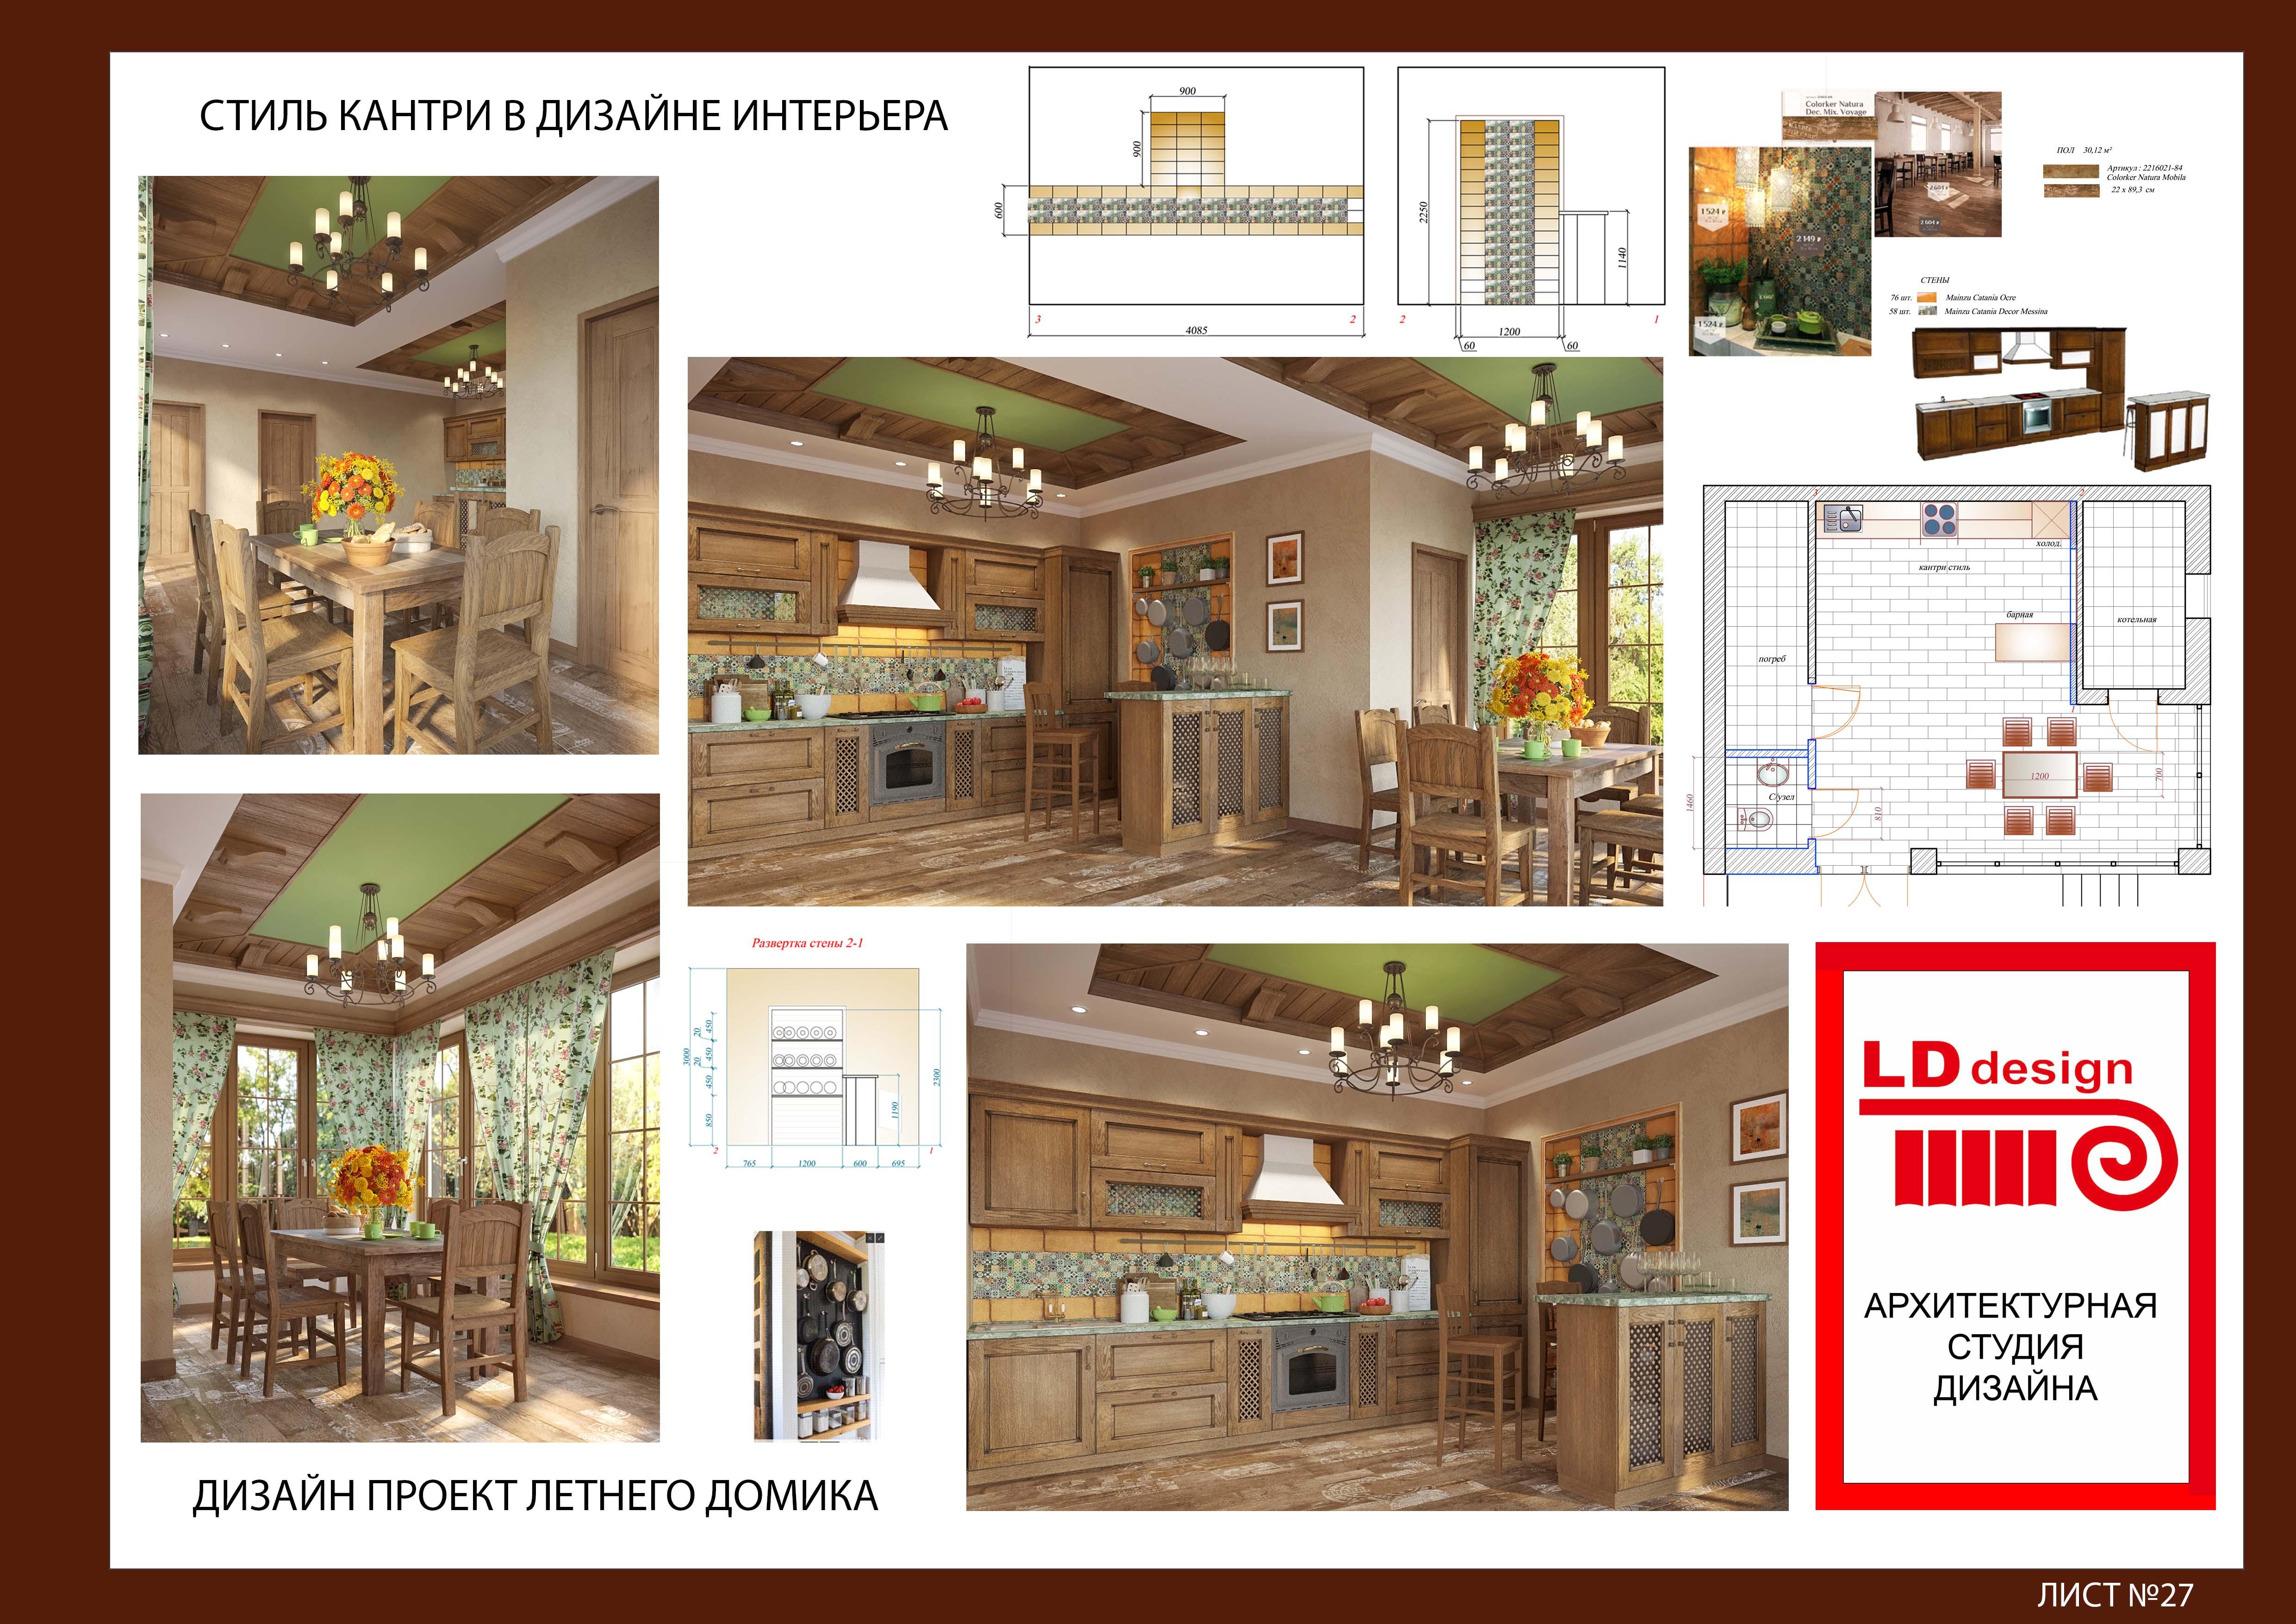 Барбекю дизайн интерьера иллюстрация кладки барбекю